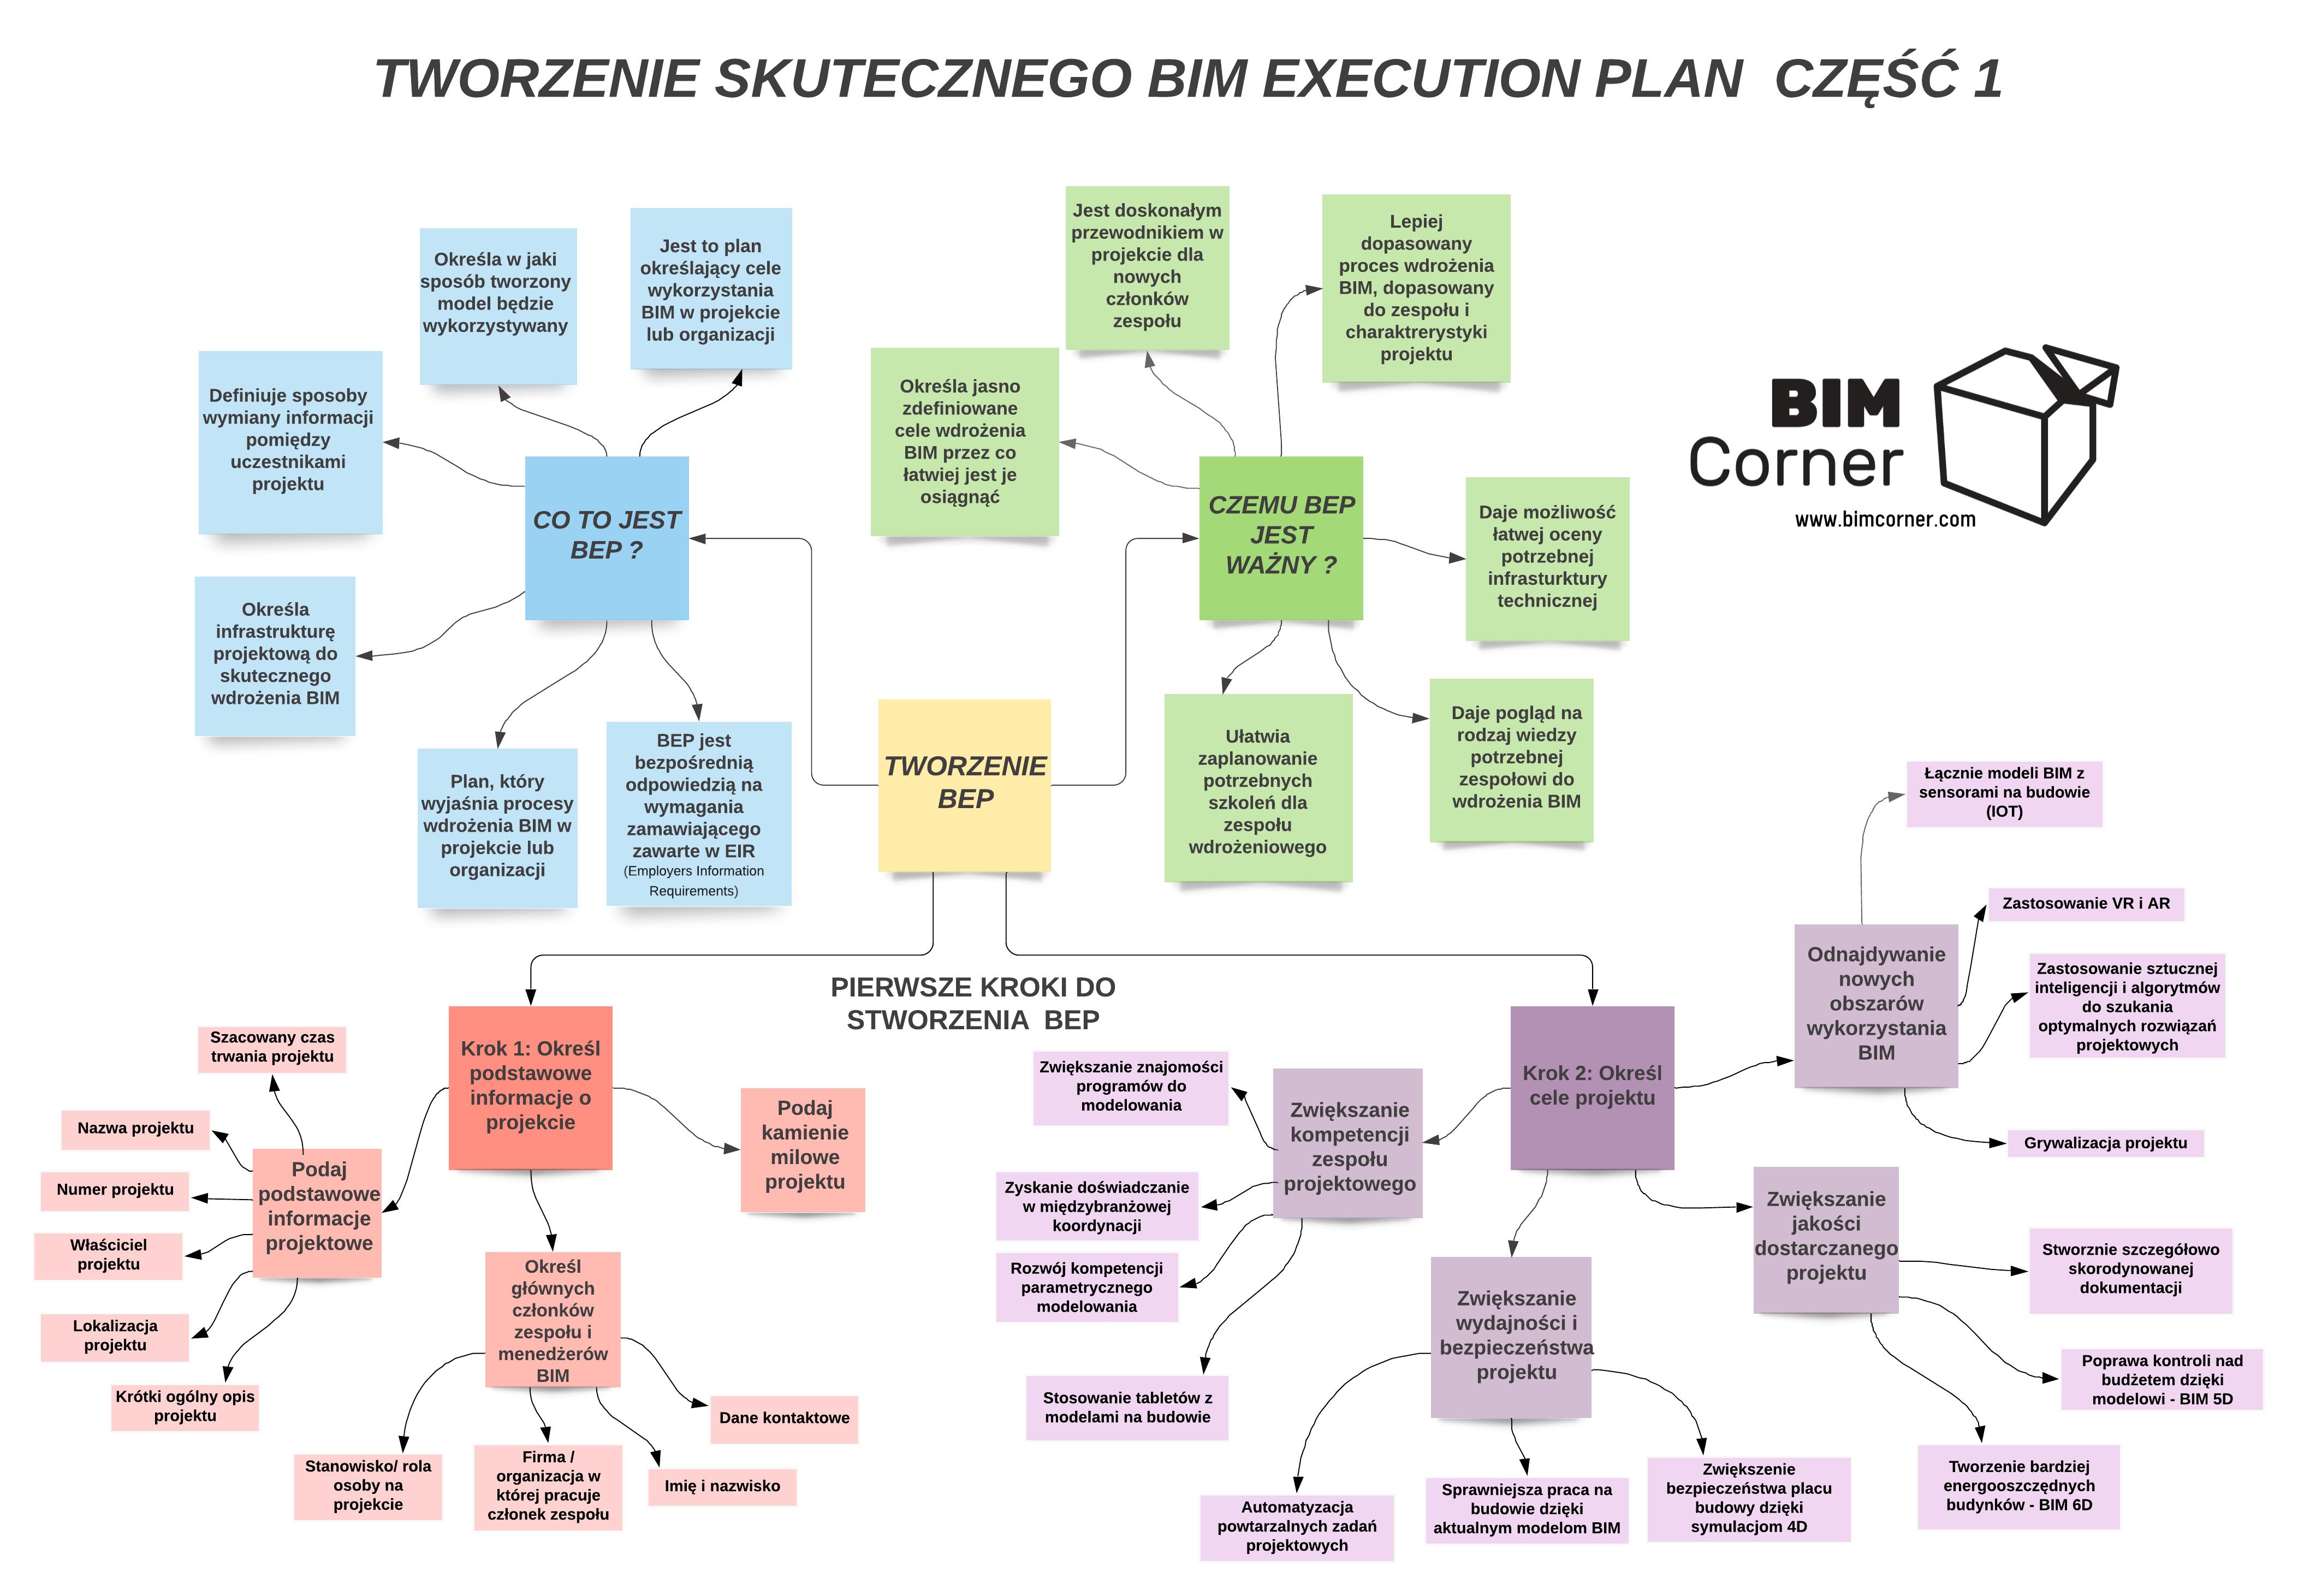 Jak stworzyć BIM Execution Plan